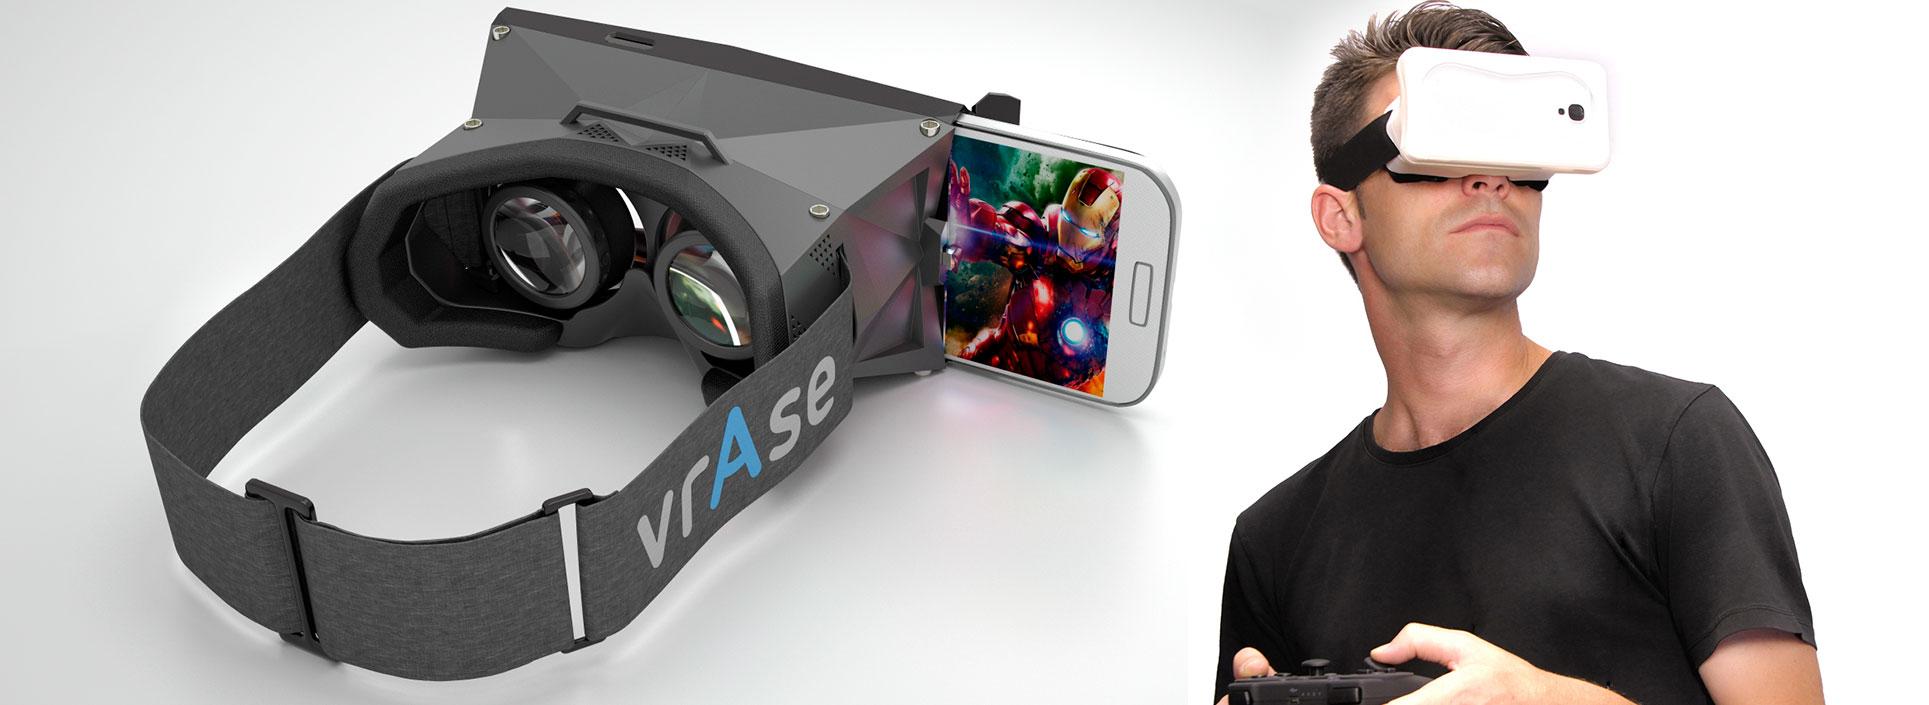 Очки виртуальной реальности sony xperia шторка от солнца для бпла spark